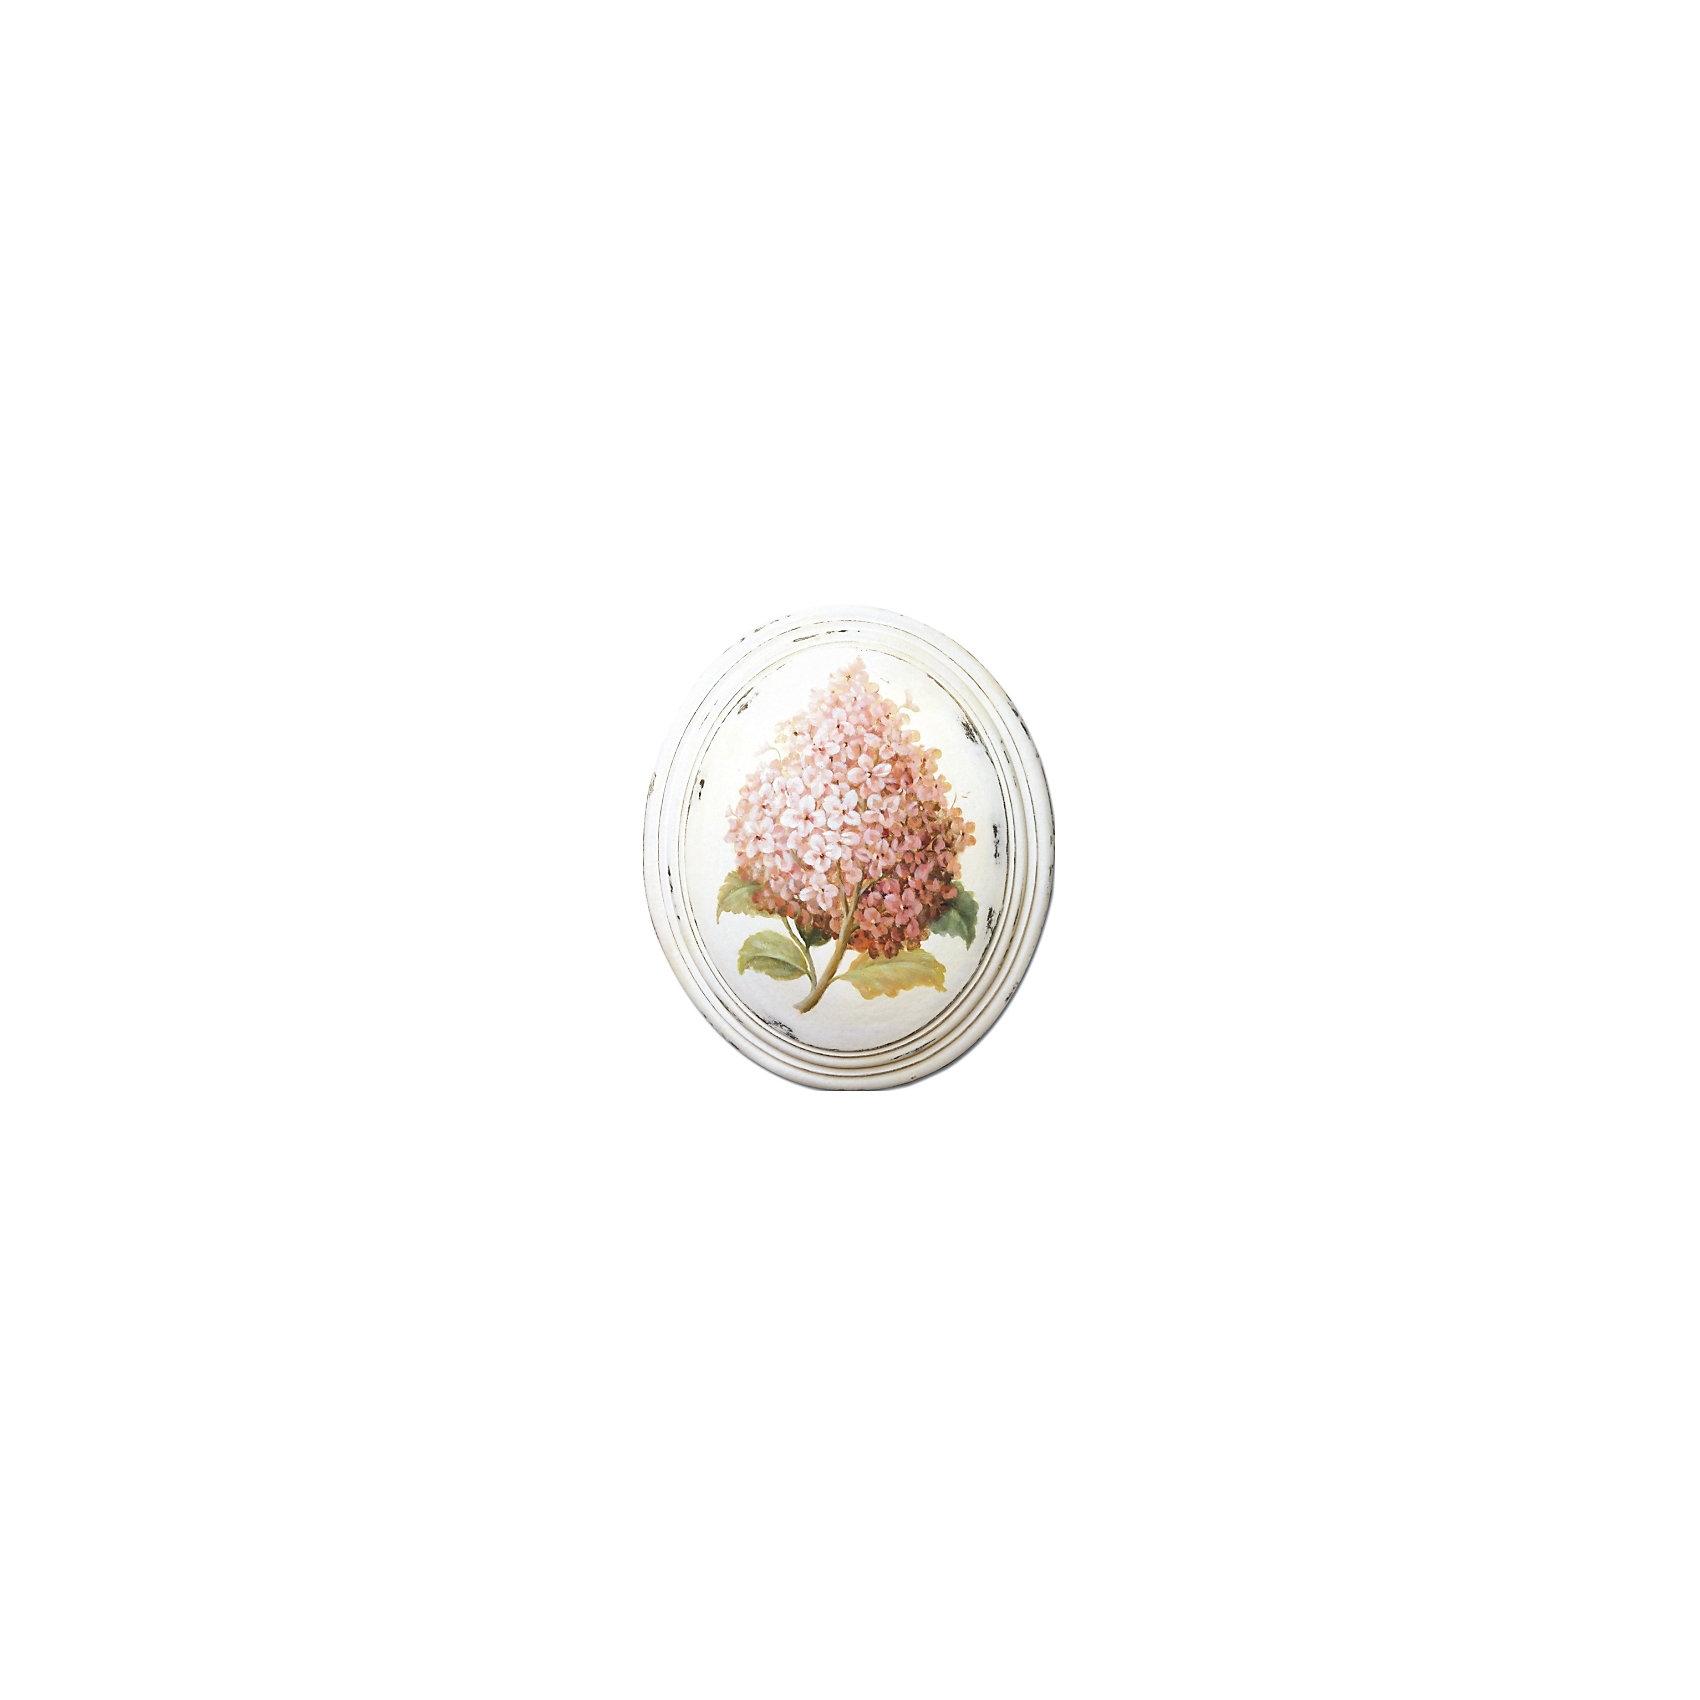 Картина - репродукция Розовая сирень, Феникс-ПрезентПредметы интерьера<br>Картина - репродукция Розовая сирень, Феникс-Презент <br><br>Характеристики:<br><br>• печать на бумаге<br>• дополнена ручной подрисовкой<br>• основа из МДФ<br>• рамка из МДФ<br>• размер: 26,2х31,5х2,8 см<br><br>Красивая картина может не только украсить дом, но и придать индивидуальность интерьеру комнаты. На картине-репродукции Феникс Презент изображена ветка сирени в розовом цвете. Картина выполнена печатью на бумаге с ручной подрисовкой. Основа и рамка изготовлены из МДФ. Размер картины - 26,2х31,5х2,8 сантиметров.<br><br>Картину - репродукцию Розовая сирень, Феникс-Презент можно купить в нашем интернет-магазине.<br><br>Ширина мм: 262<br>Глубина мм: 310<br>Высота мм: 580<br>Вес г: 690<br>Возраст от месяцев: -2147483648<br>Возраст до месяцев: 2147483647<br>Пол: Унисекс<br>Возраст: Детский<br>SKU: 5449557